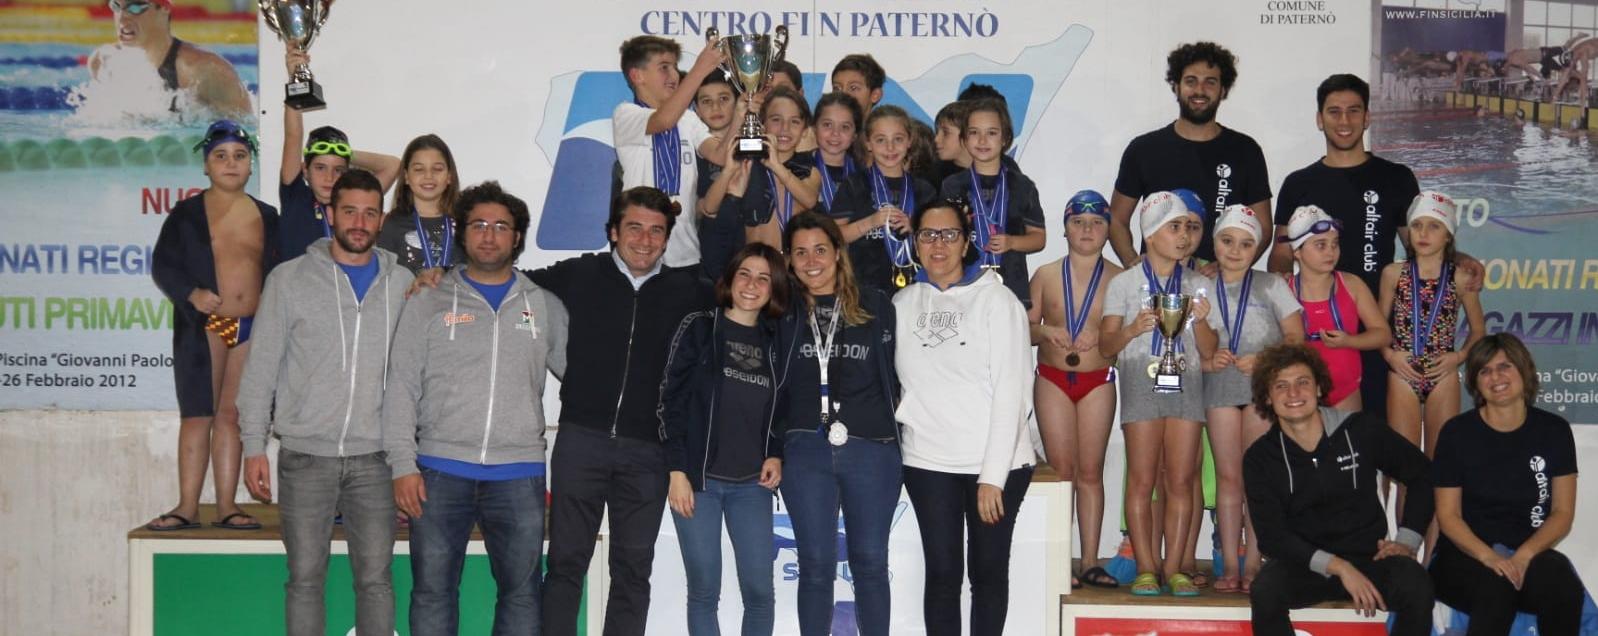 Fin Nuoto Calendario Gare.Fin Comitato Regionale Sicilia